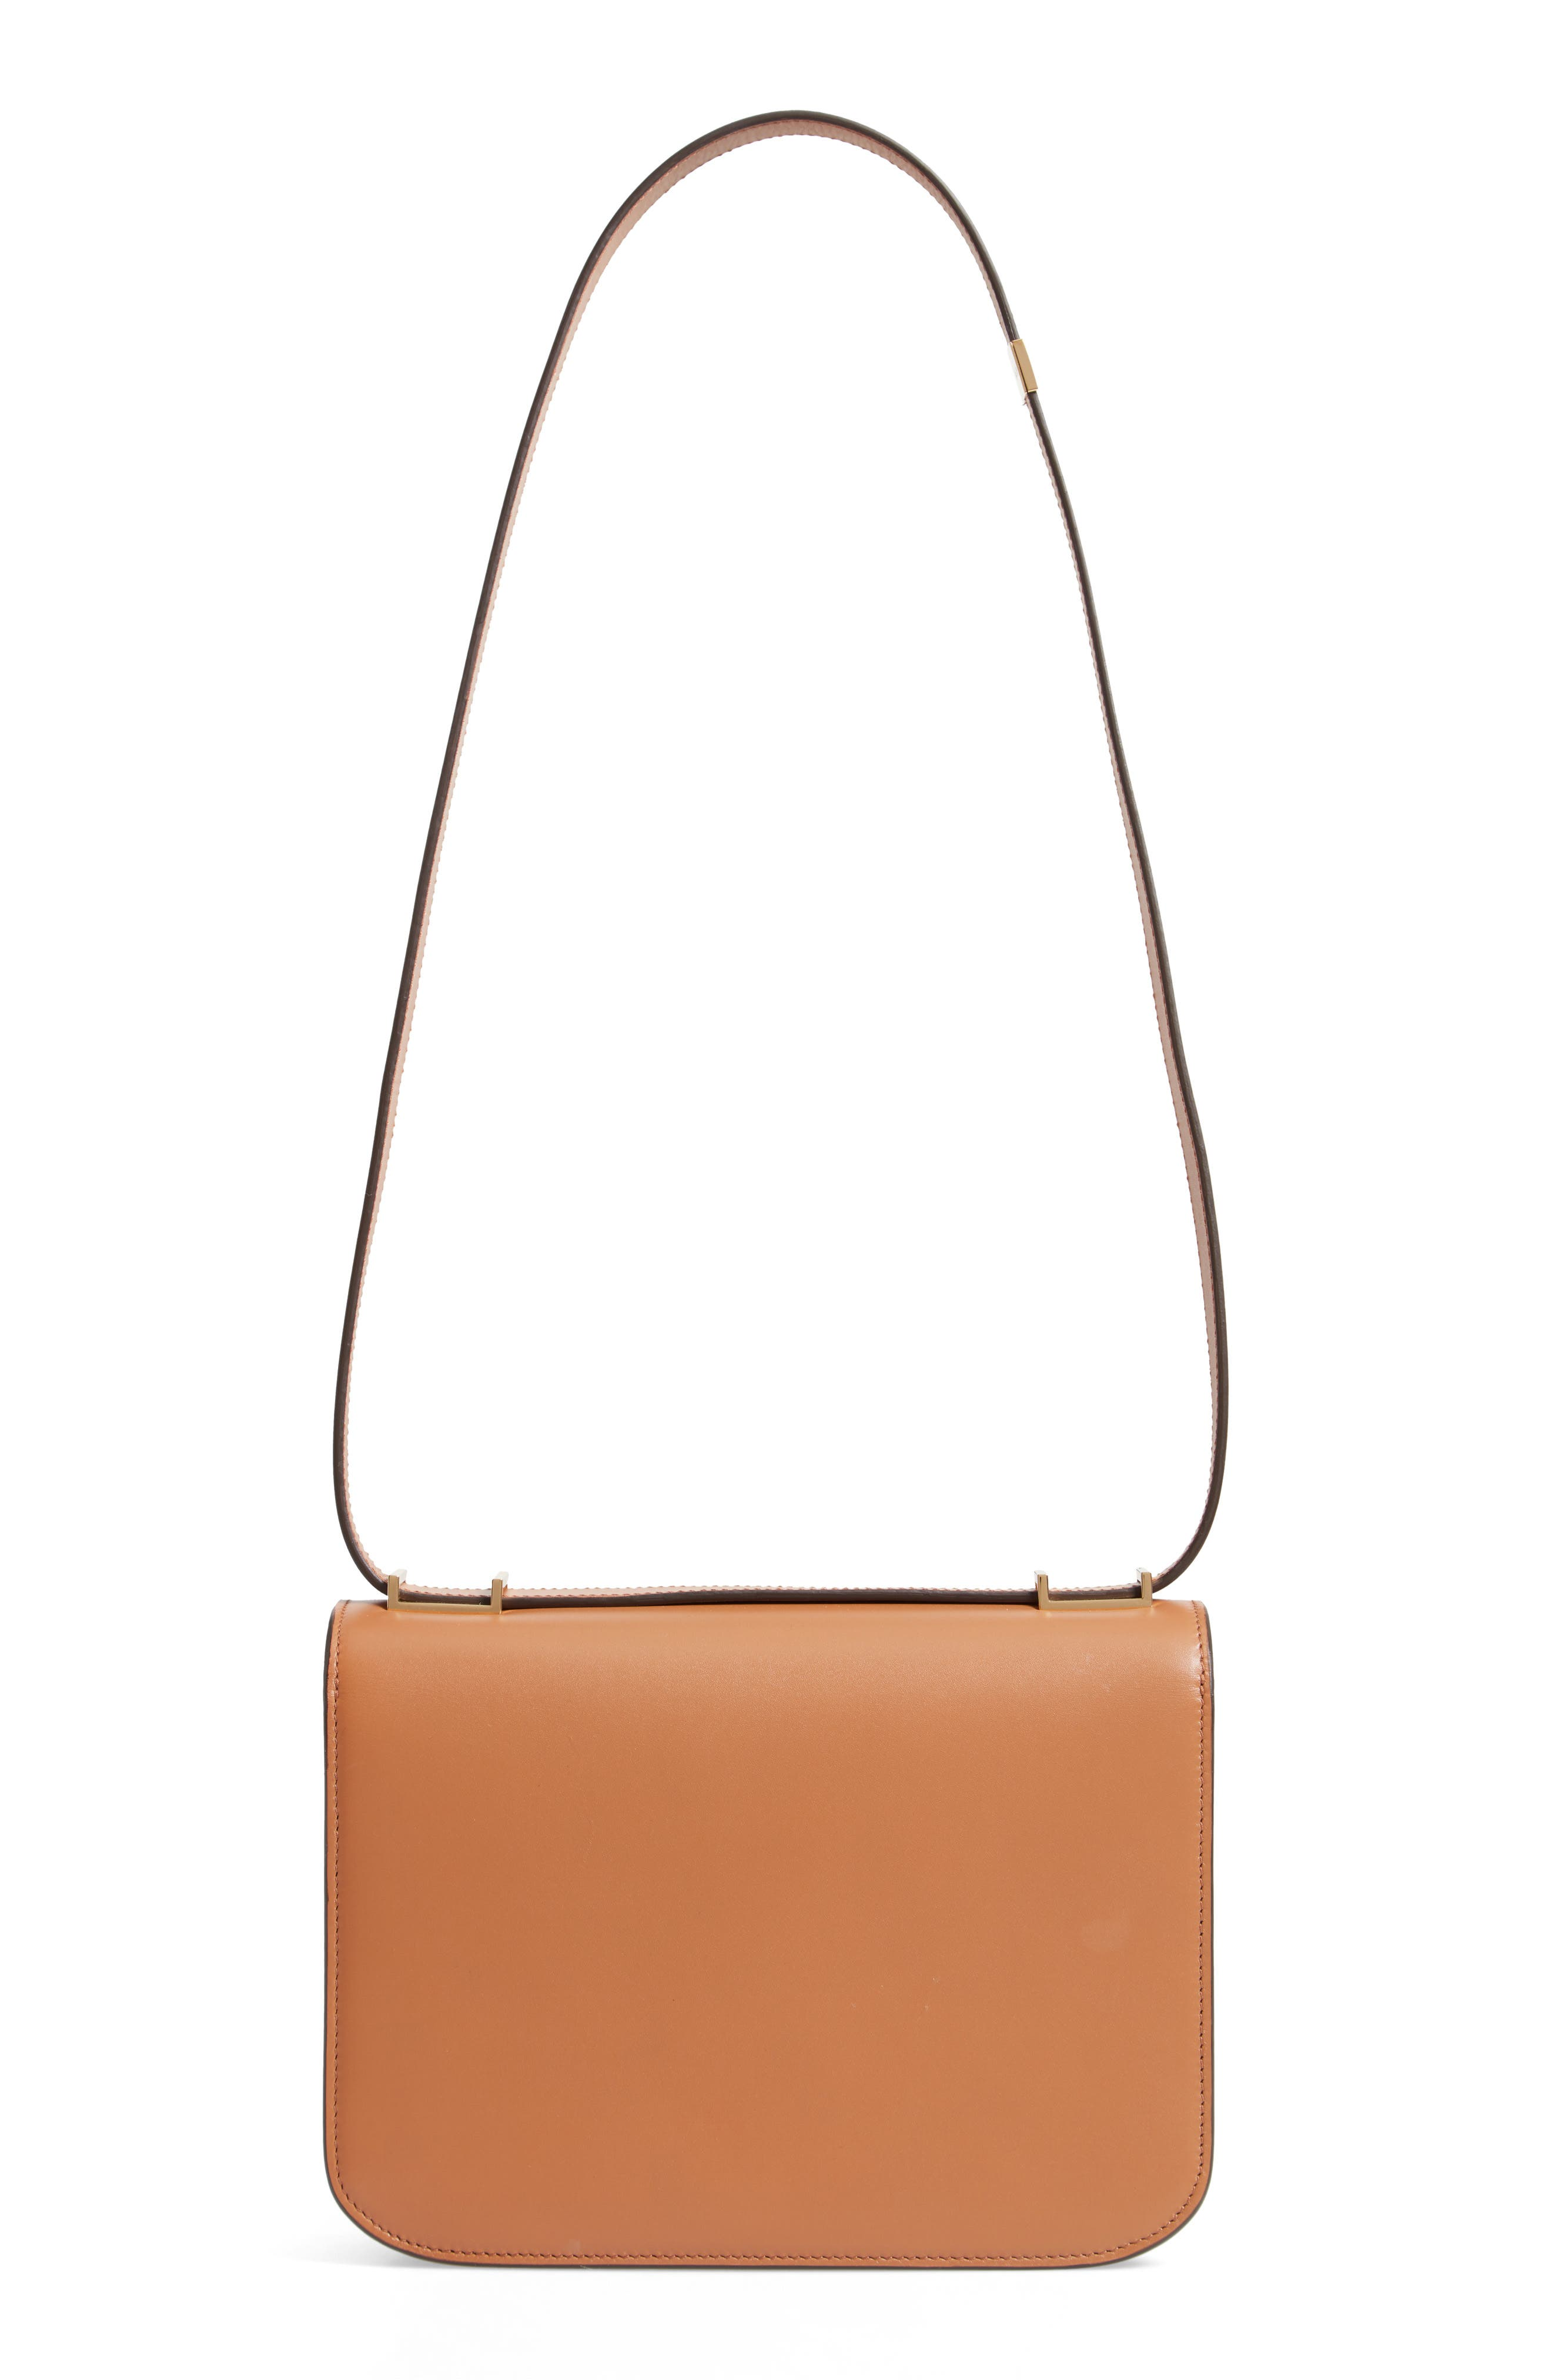 VICTORIA BECKHAM, Eva Calfskin Leather Shoulder Bag, Alternate thumbnail 3, color, CAMEL